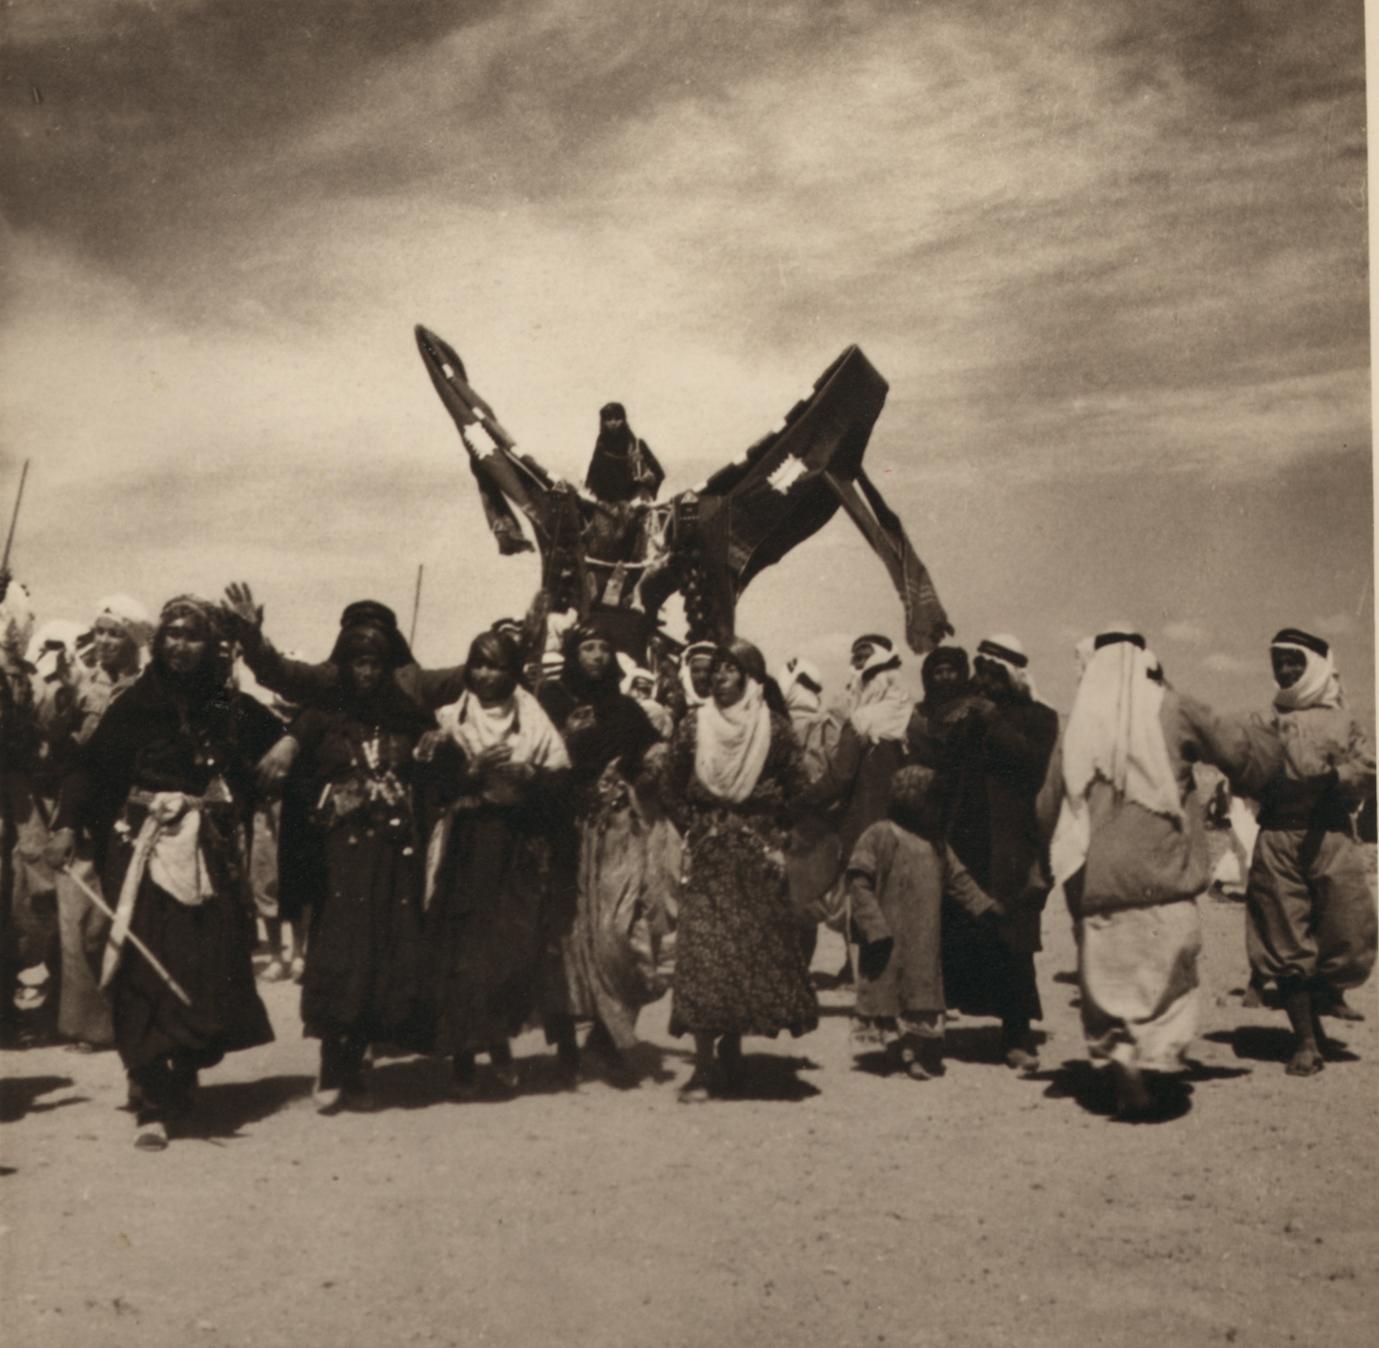 04. Свадьба бедуинов. Доведение невесты до палатки мужа с помощью танцев